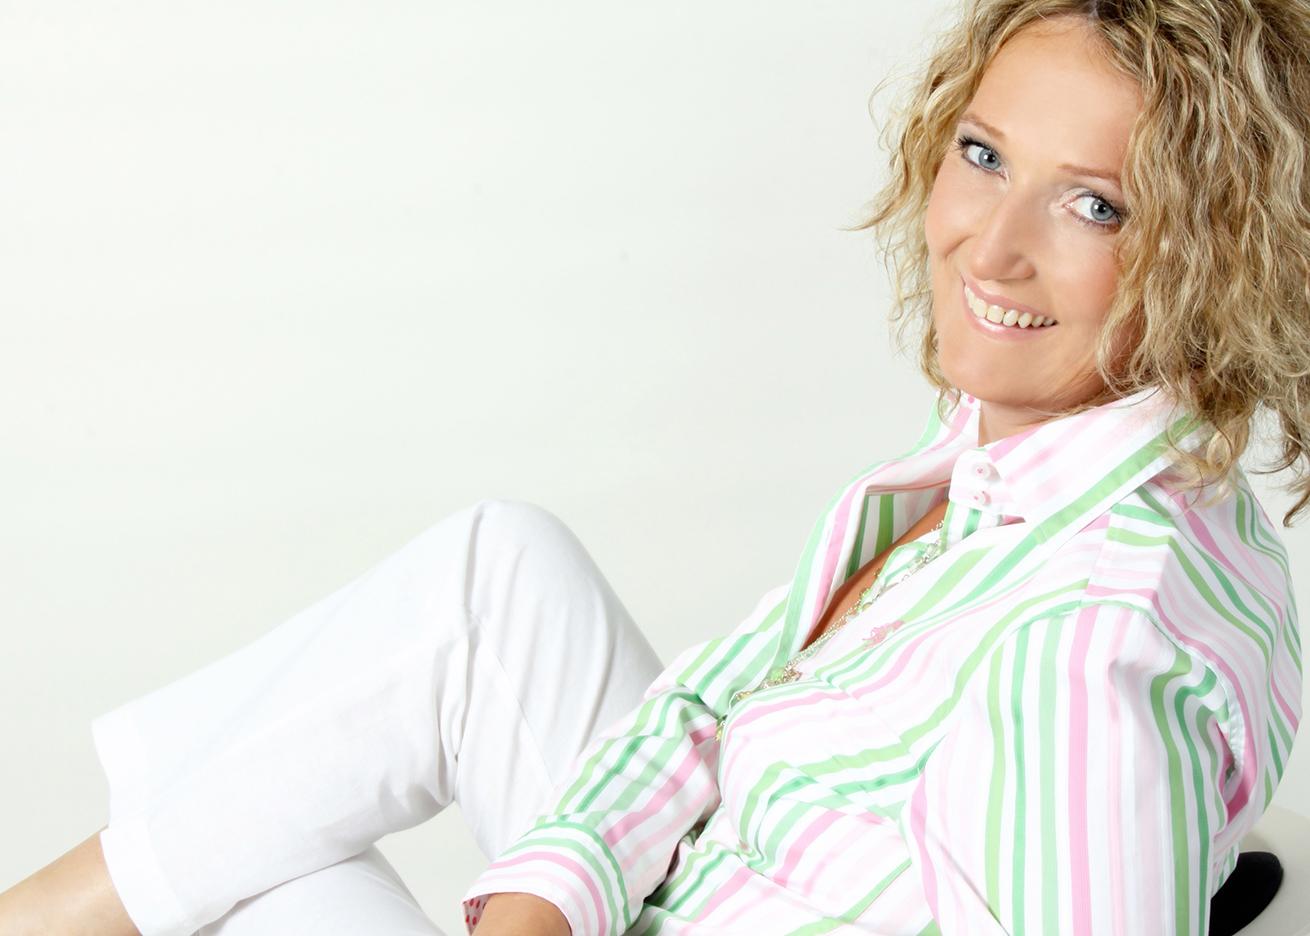 Elke_Wagner-Startseite